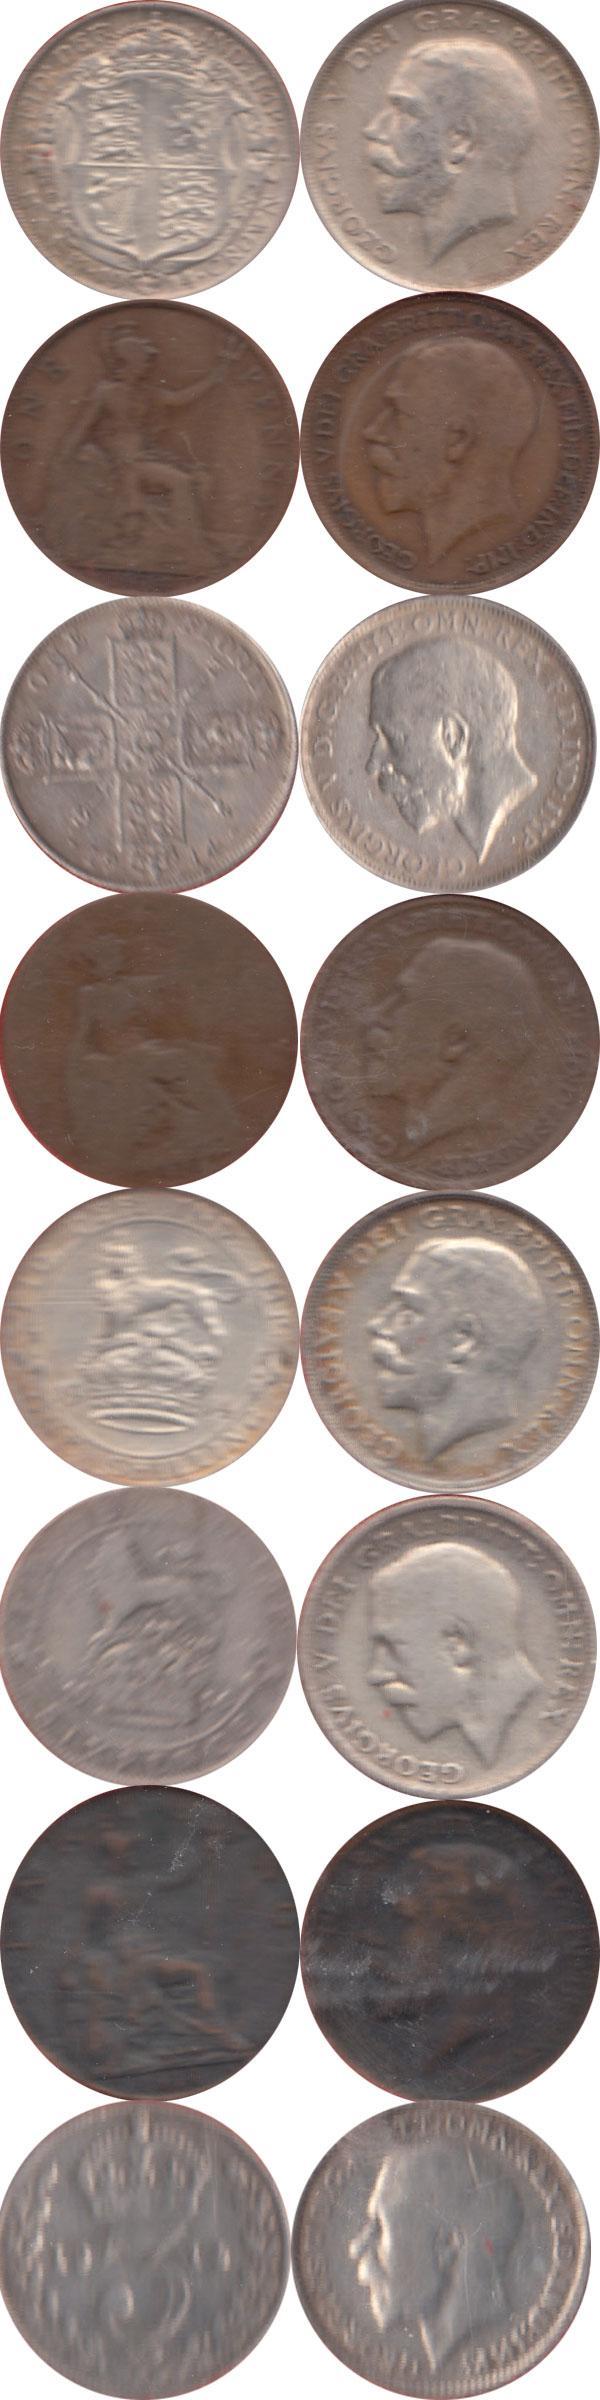 Каталог монет - Великобритания Выпуск 1914 года